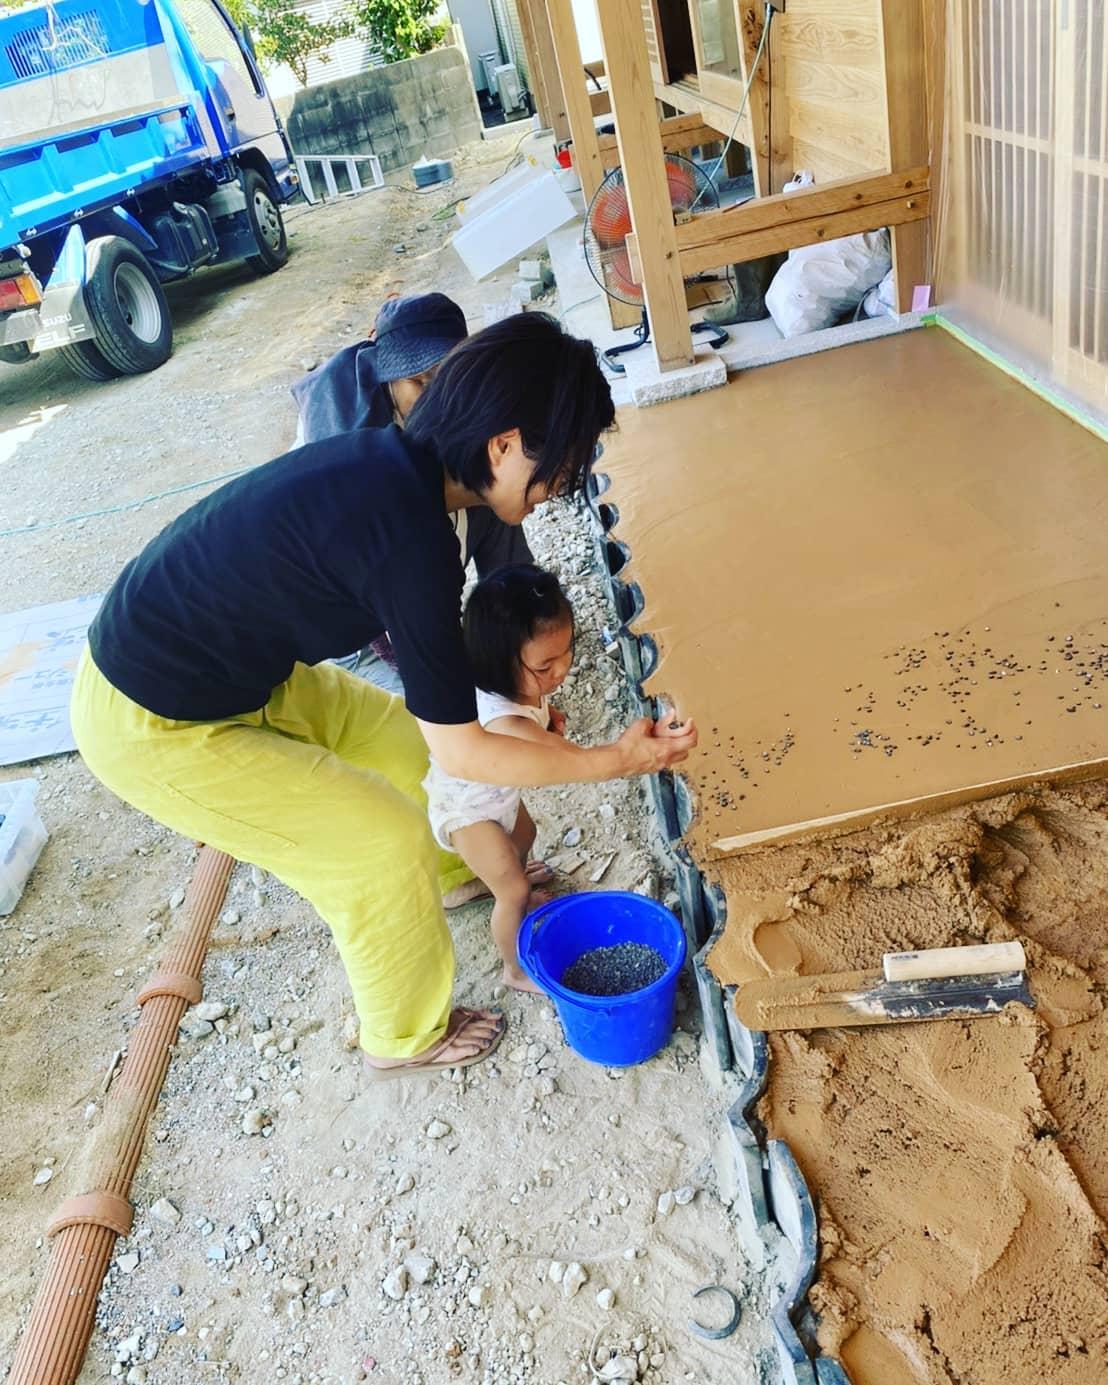 自宅新築工事日誌33 「大工が作る大工の家」